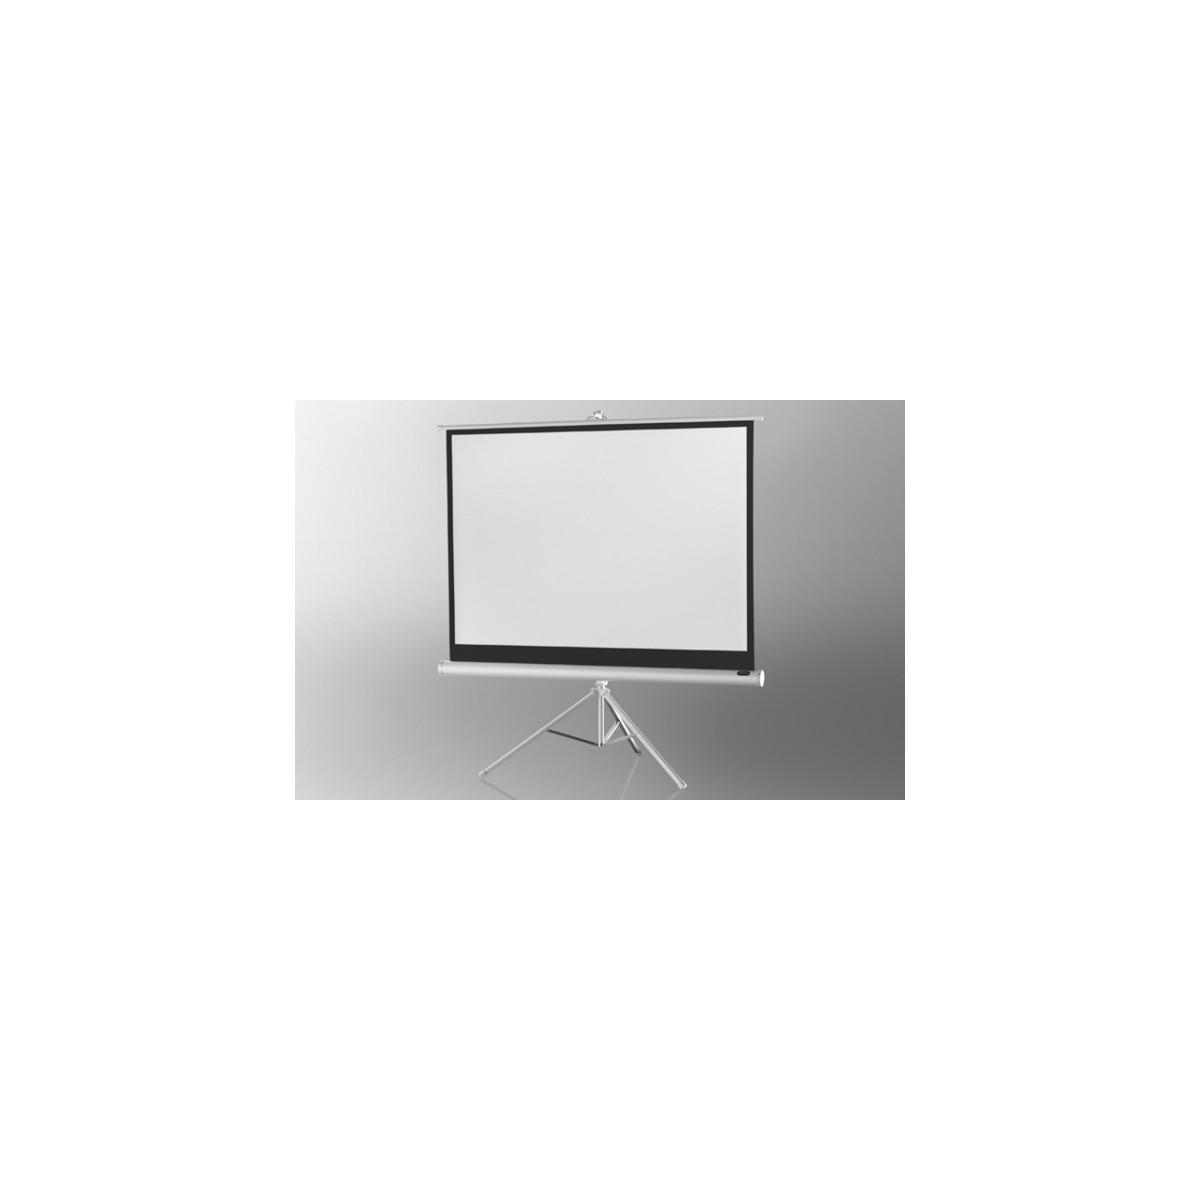 ecran de projection sur pied celexon economy 244 x 183 cm white edition fran ais french. Black Bedroom Furniture Sets. Home Design Ideas